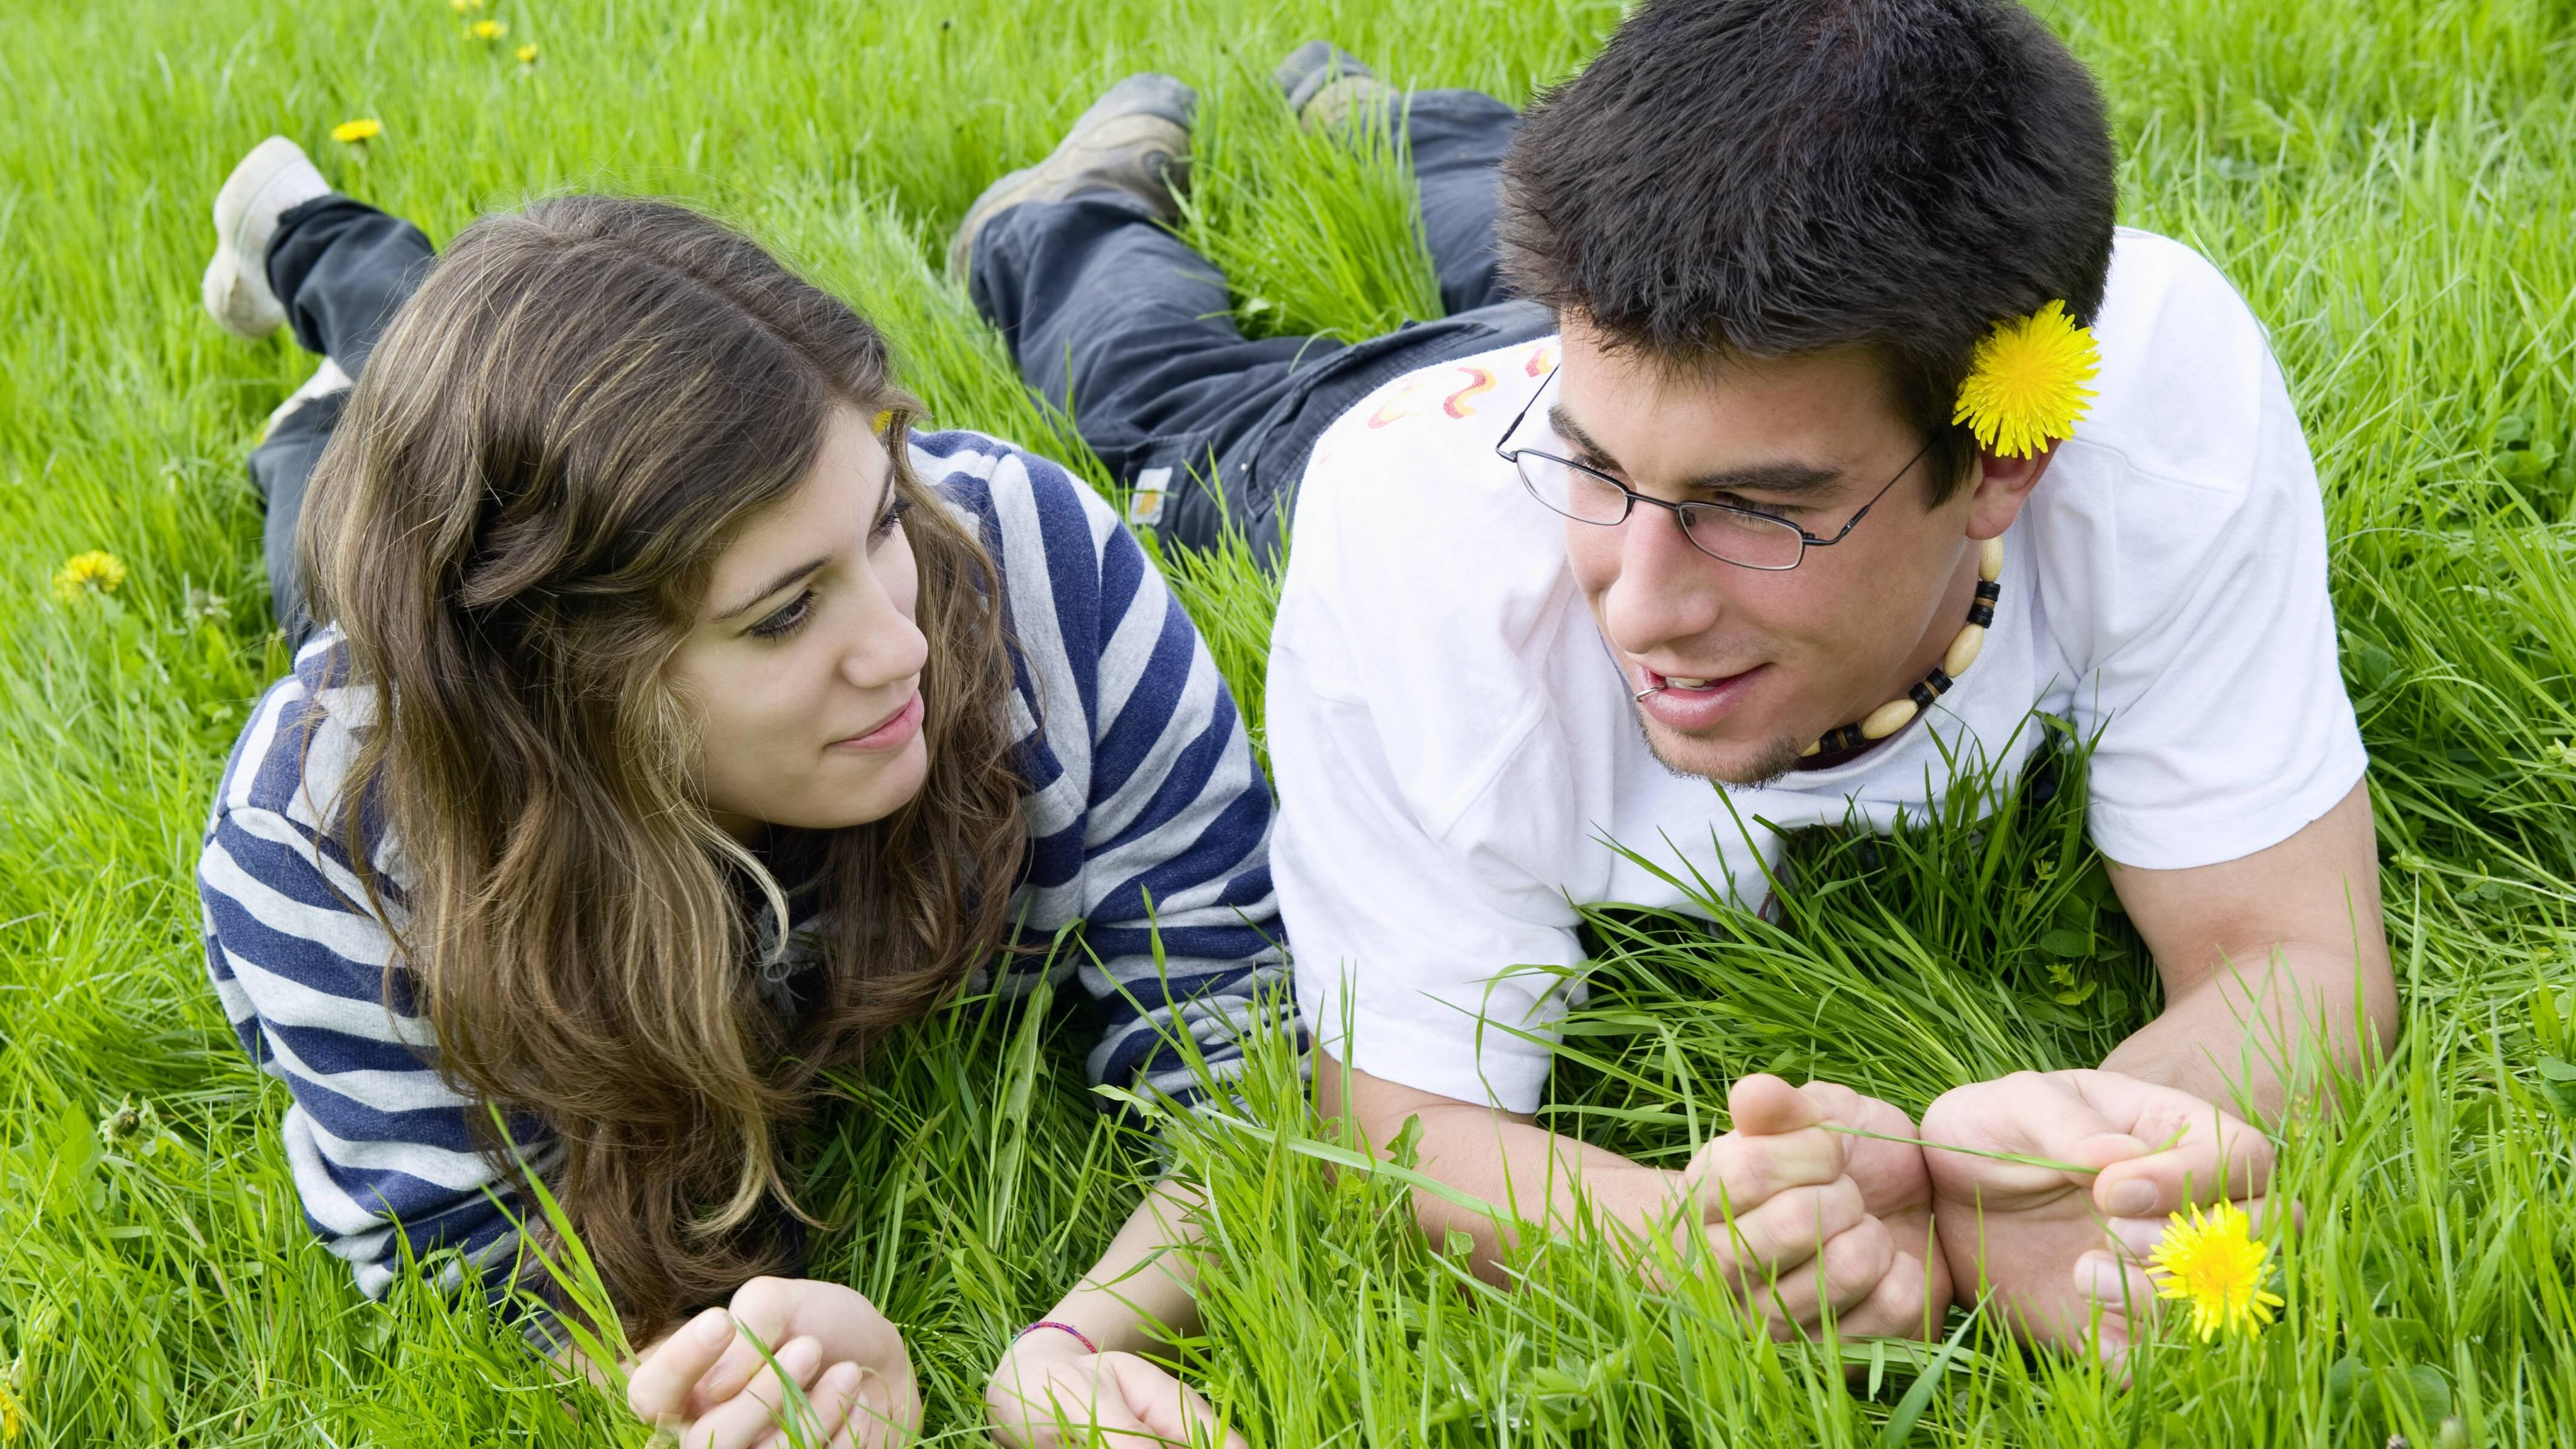 Die richtige Kommunikation ist ein Weg, um Zuneigung zu zeigen.